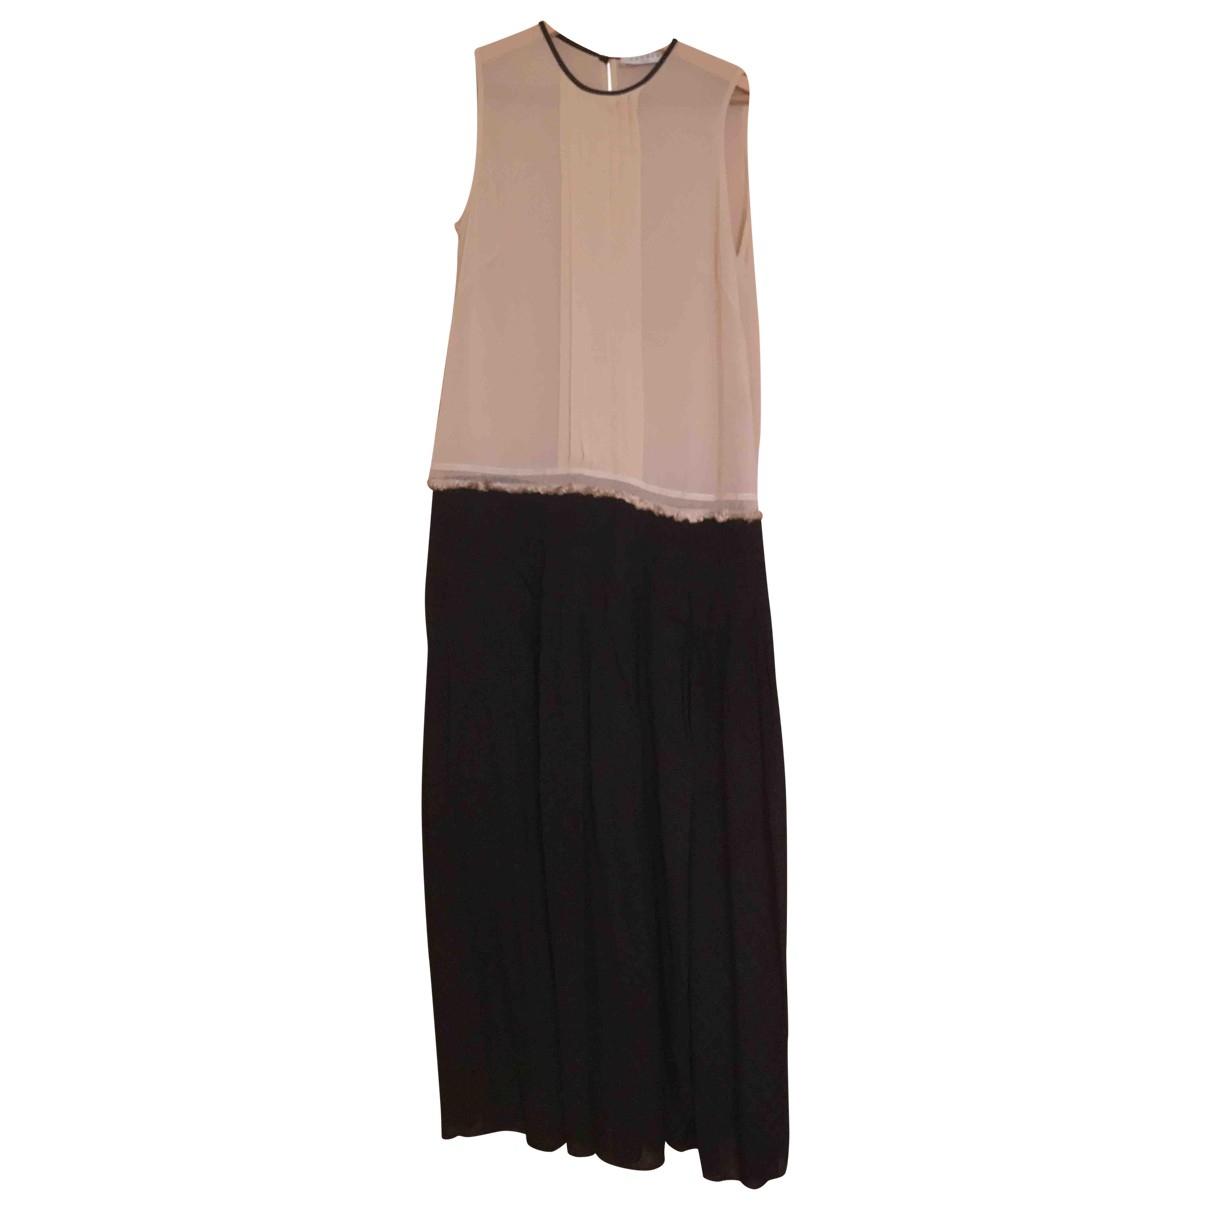 Sandro \N Kleid in  Beige Polyester